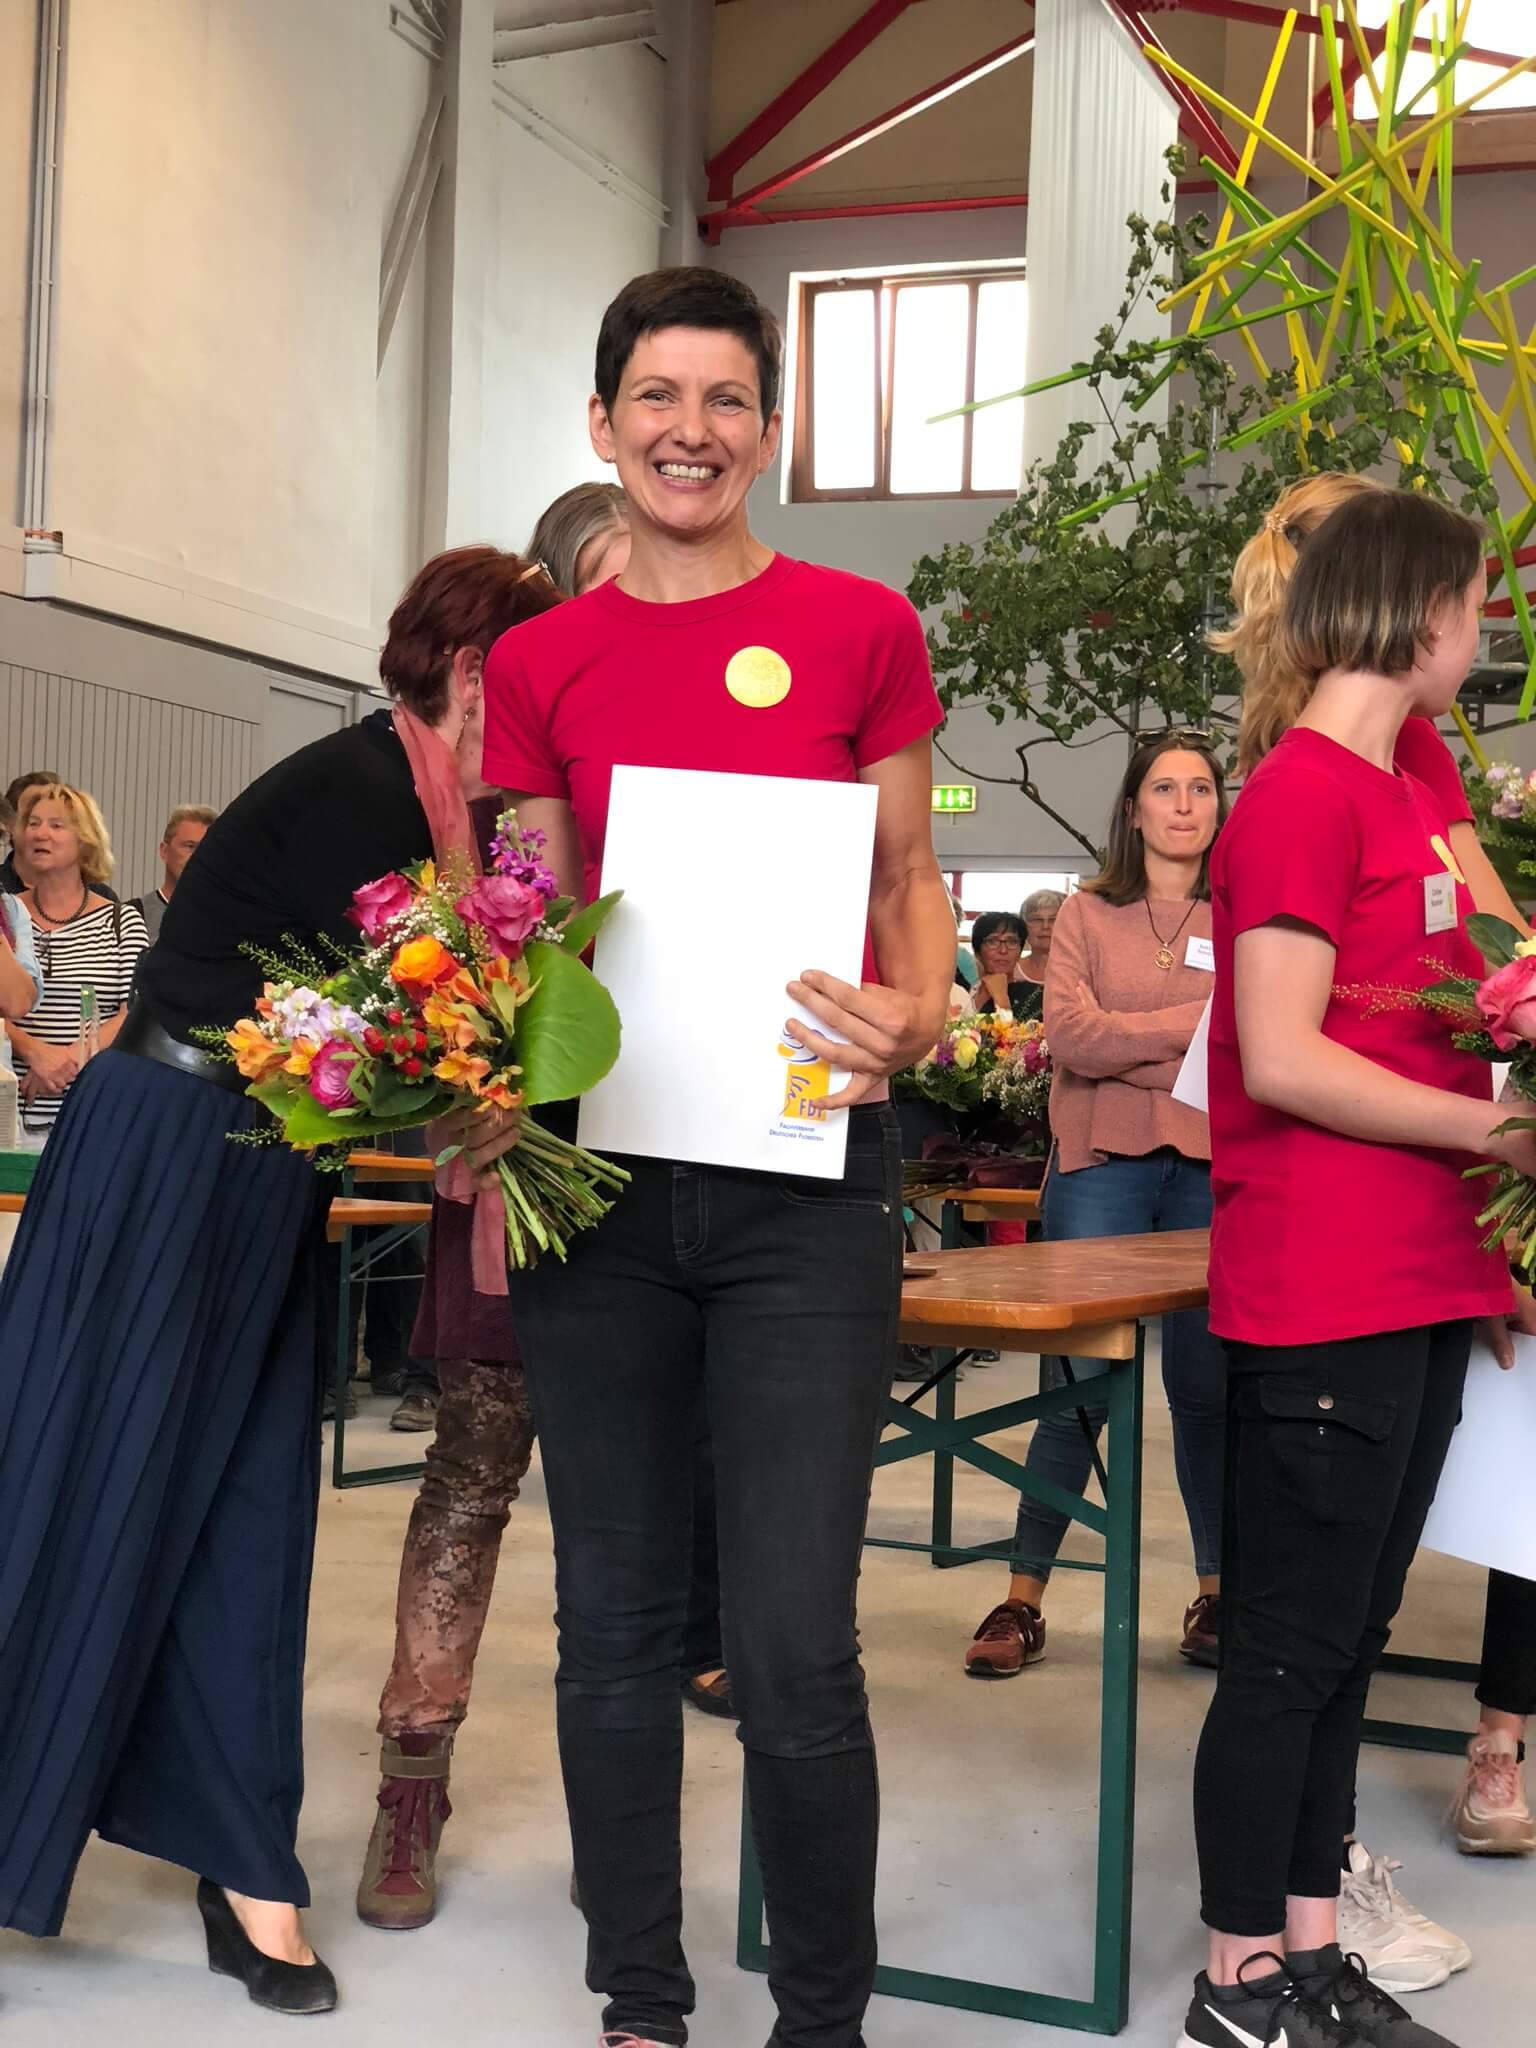 Dritter Platz FrankenCup 2018: Martina Seifert